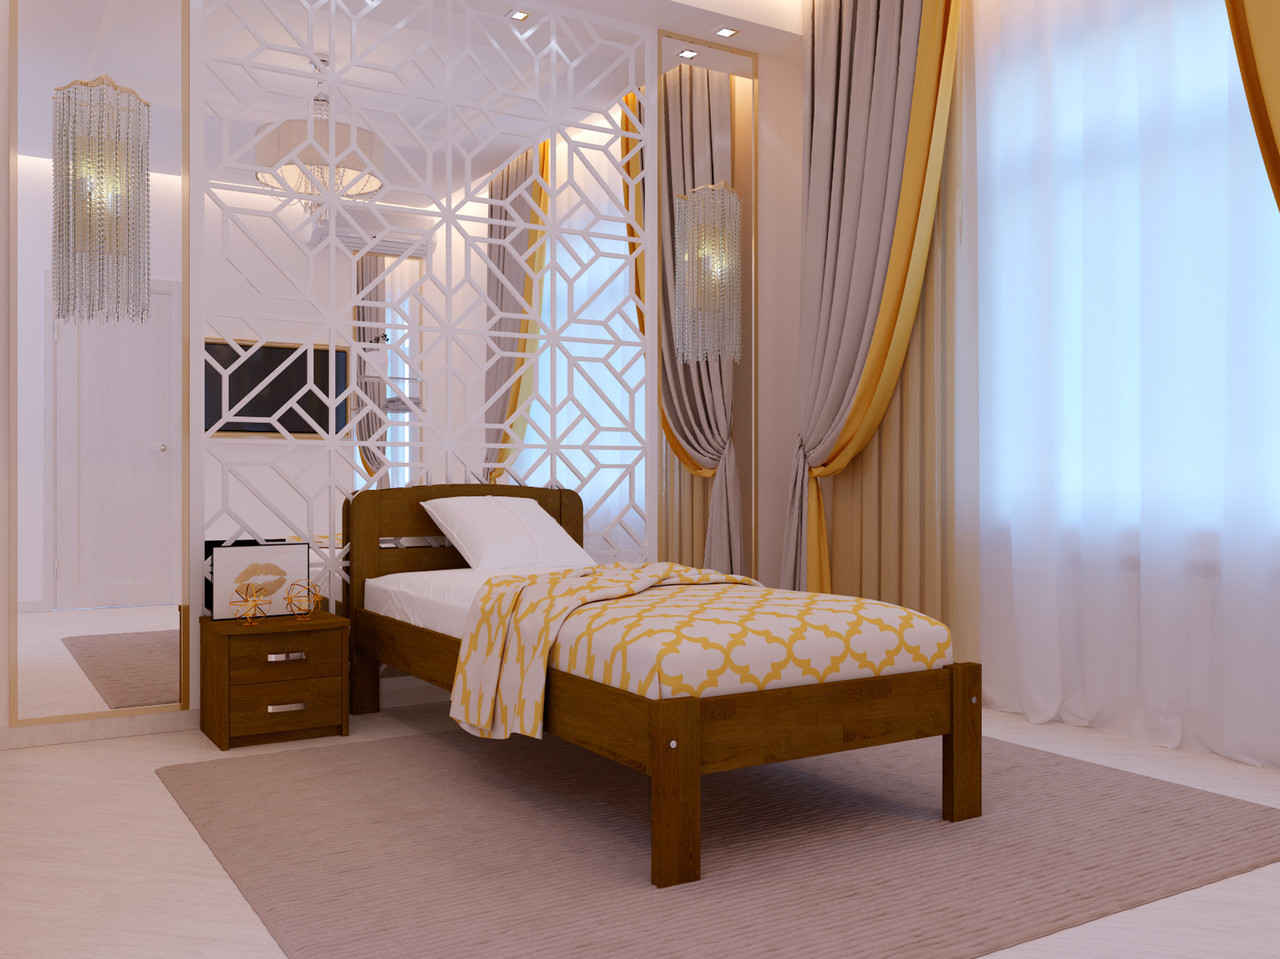 Ліжко односпальне з натурального дерева в спальню/дитячу Октавія С1(Бук)80*190 Неомеблі